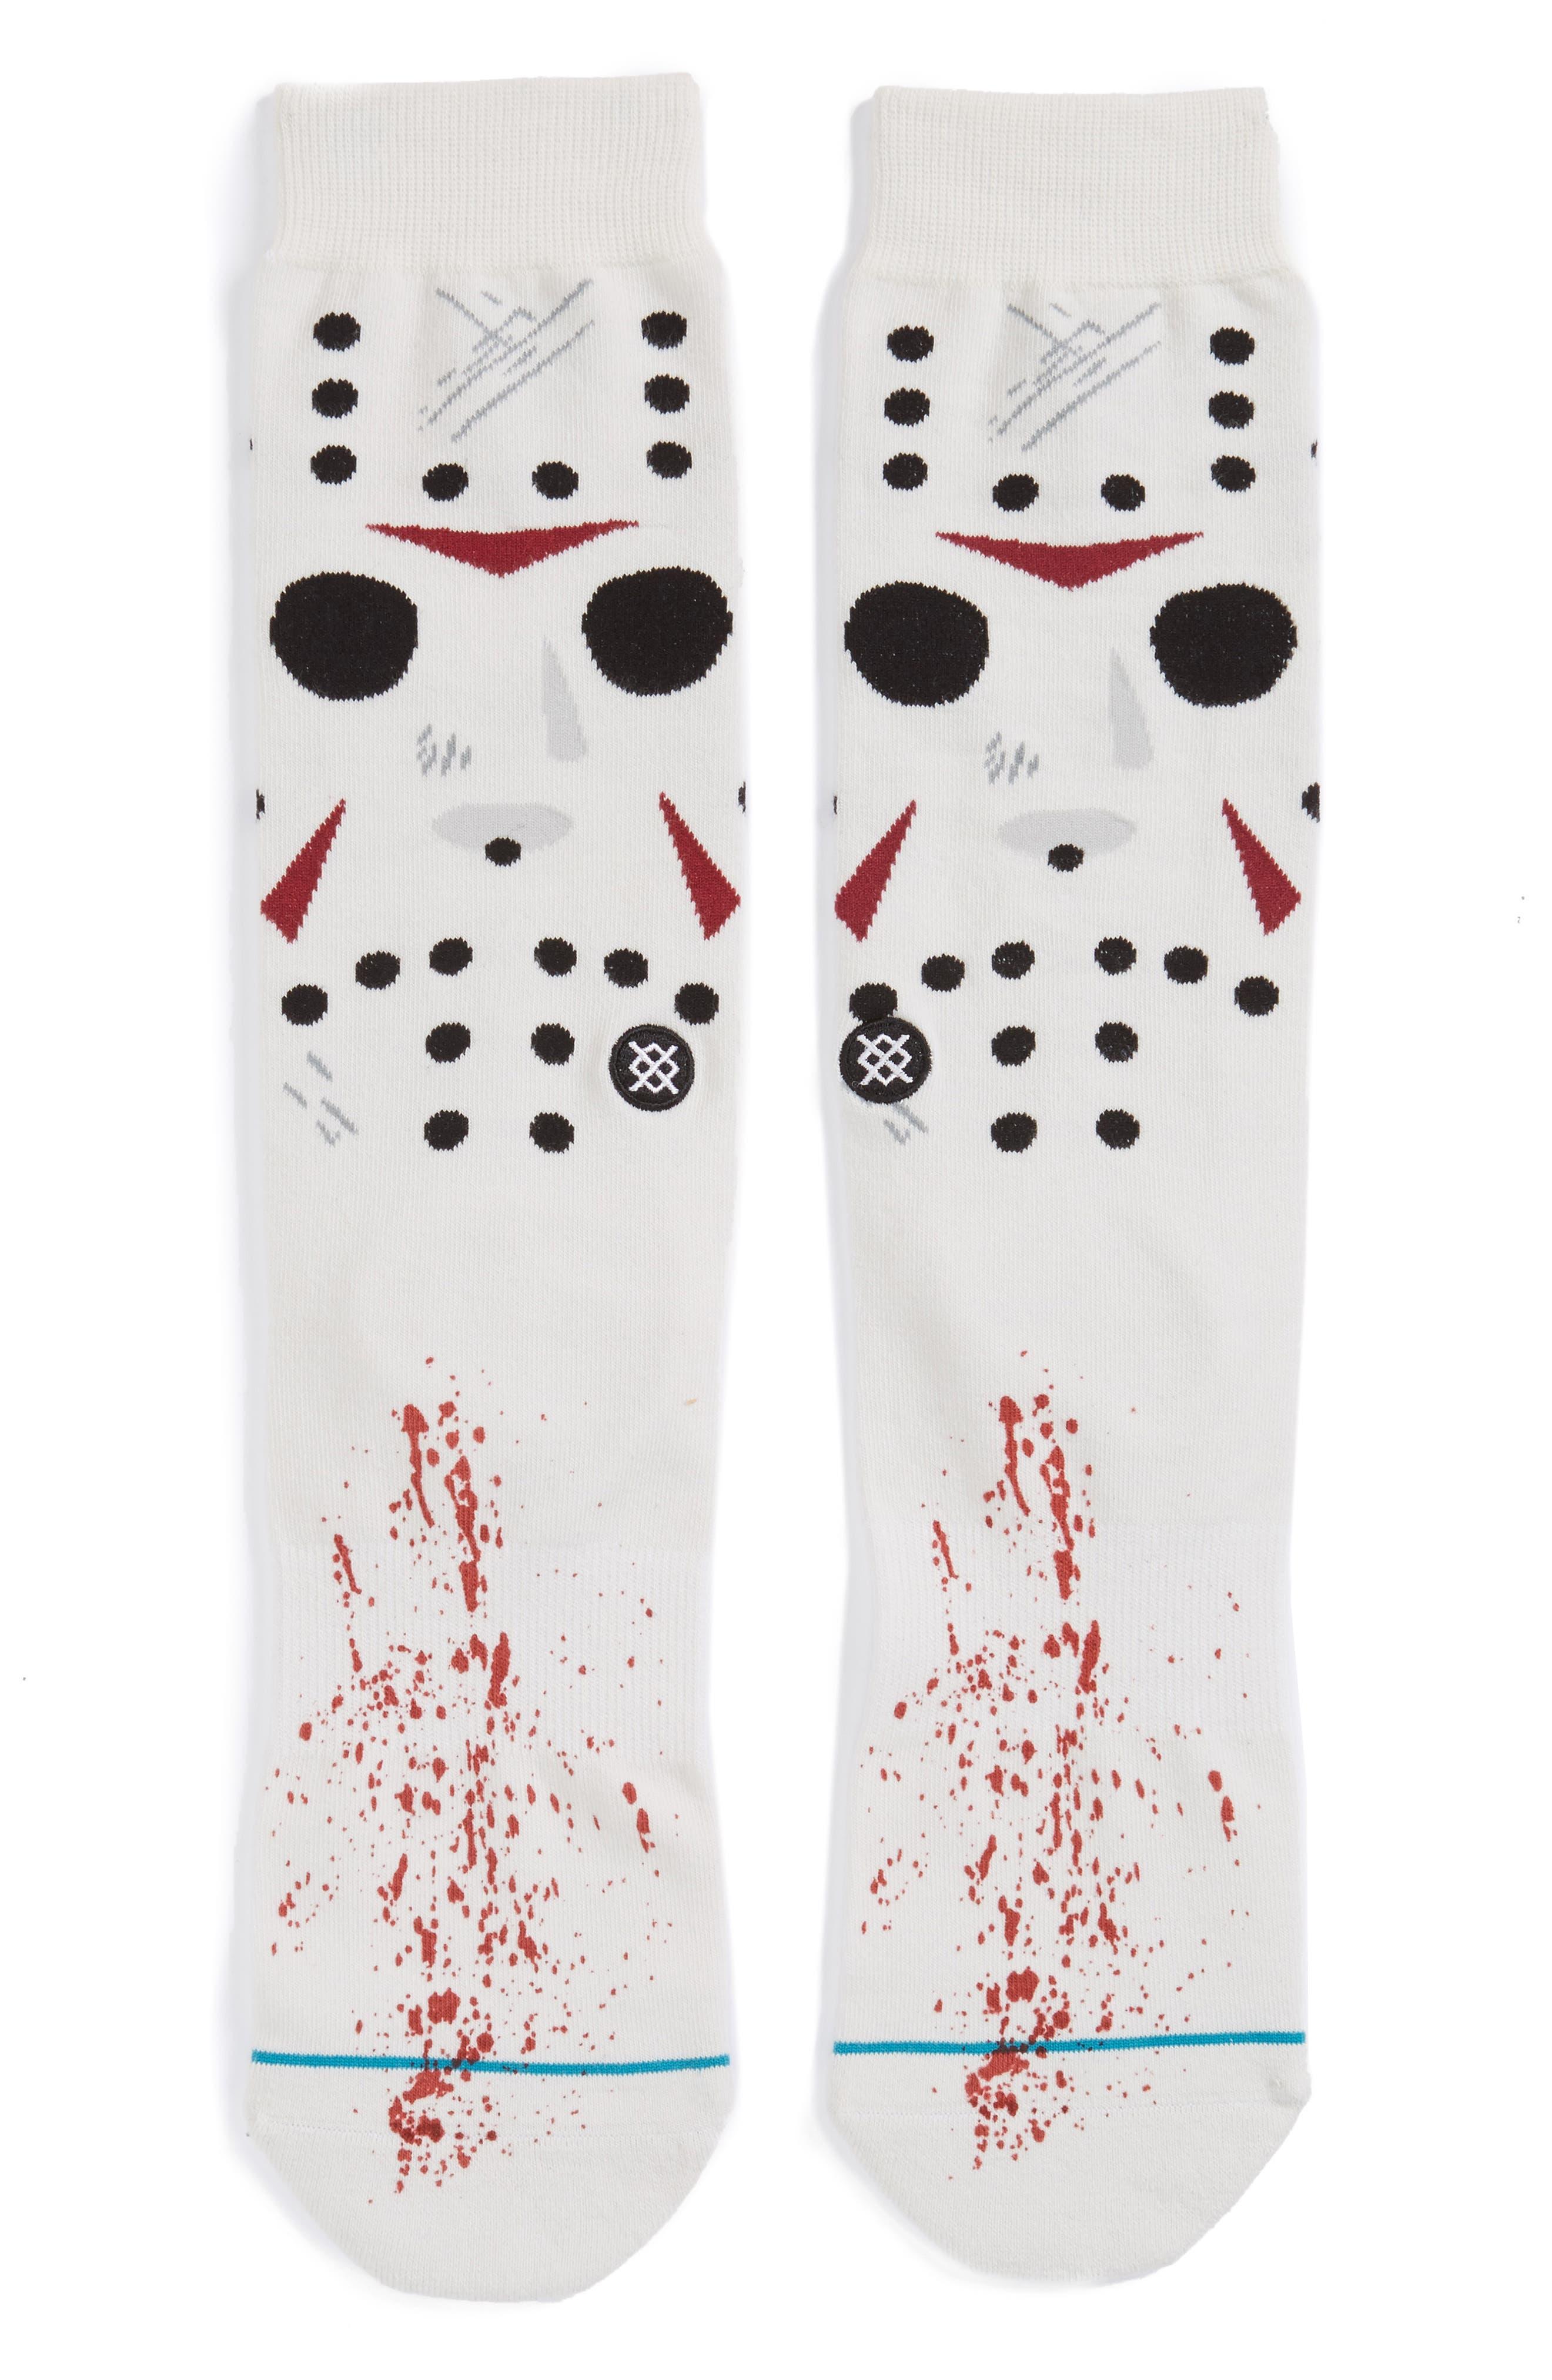 Jason - Legends of Horror Socks,                         Main,                         color, White